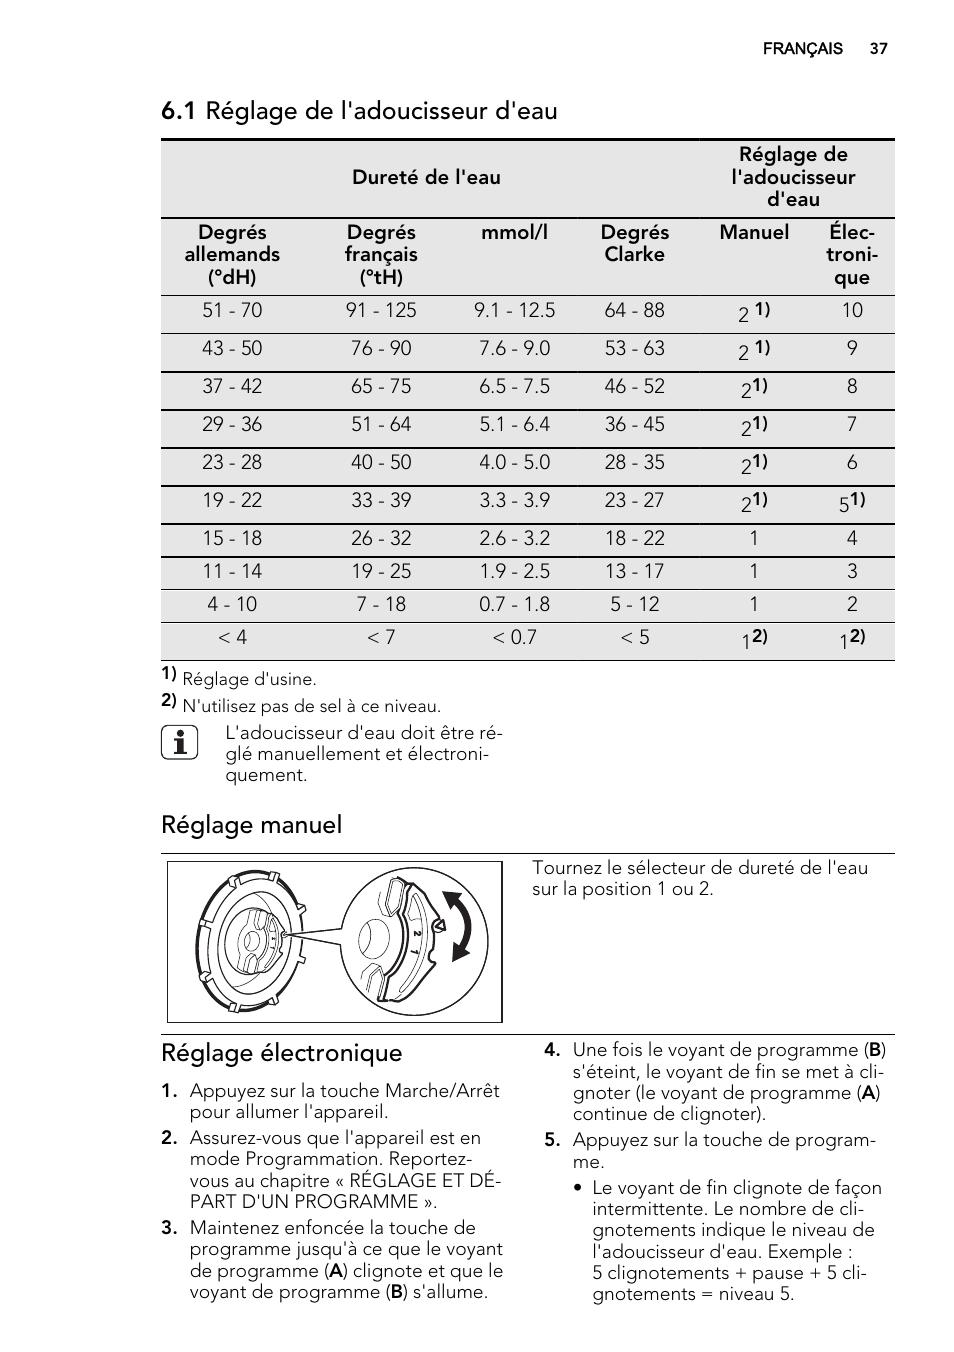 1 Reglage De L Adoucisseur D Eau Reglage Manuel Reglage Electronique Aeg F34500vi0 User Manual Page 37 64 Original Mode